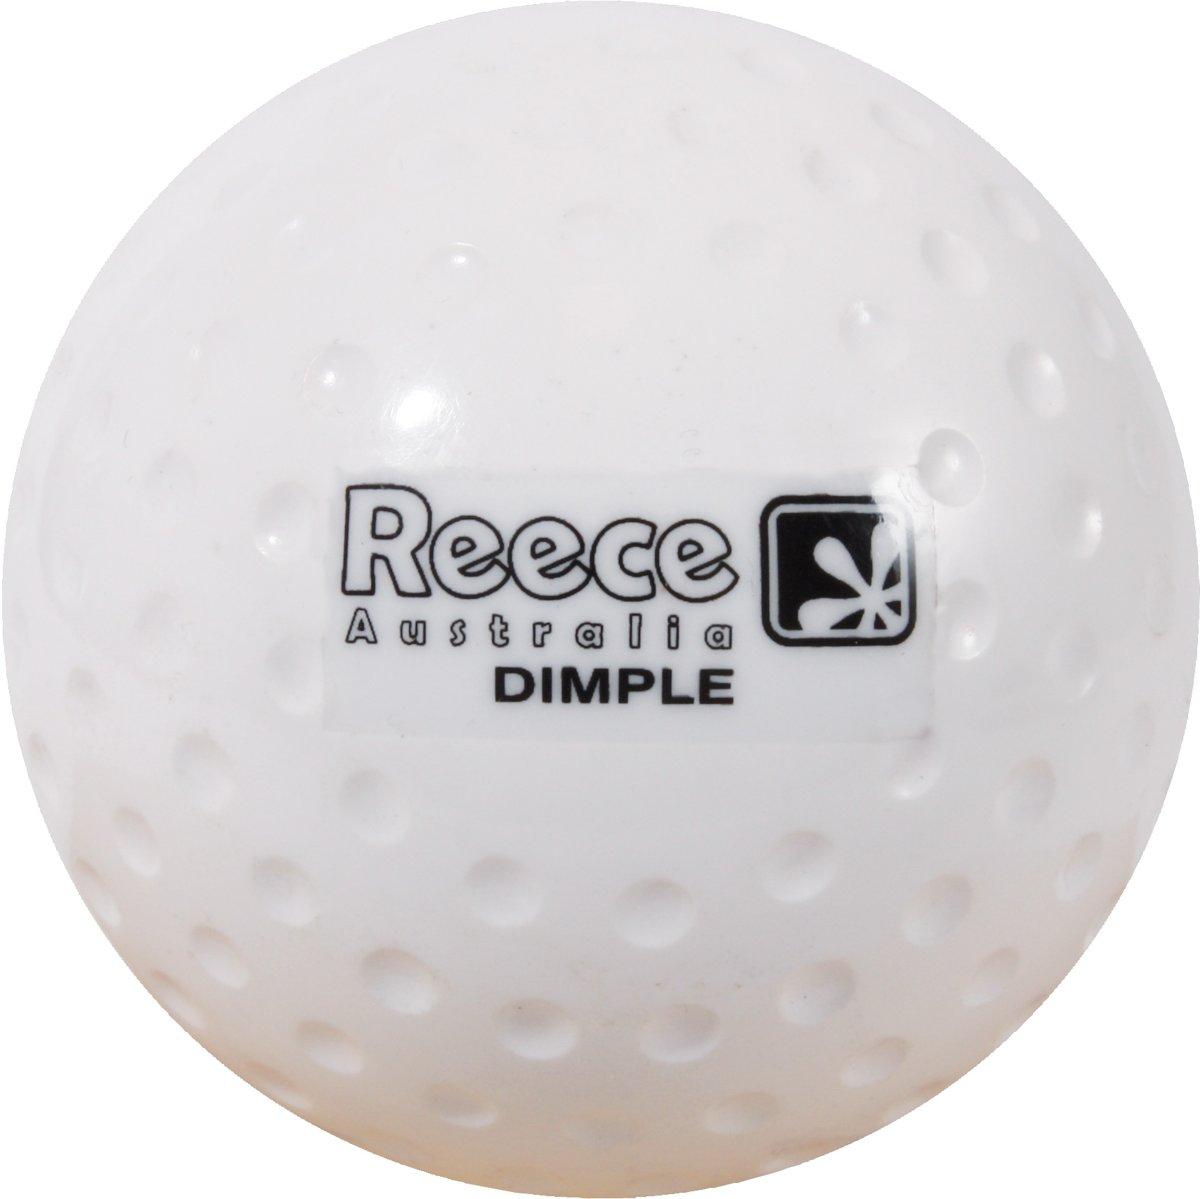 Reece Hockeybal Match - Ballen  - wit - ONE kopen